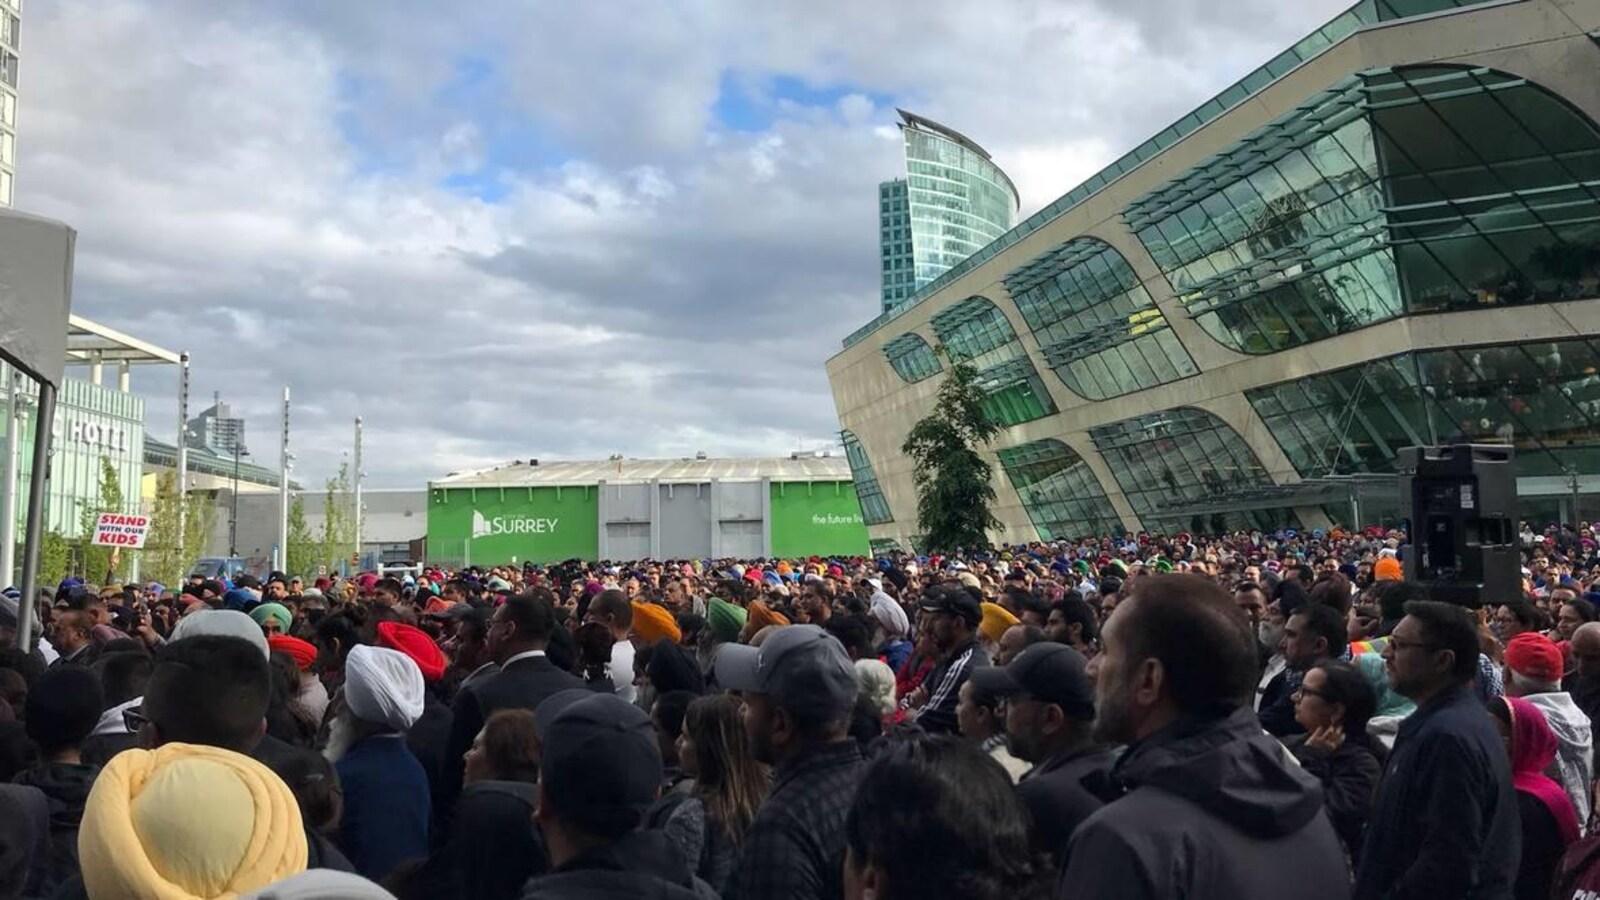 Des milliers de personnes sont entassées sur une grande place devant un immeuble de quelques étages.